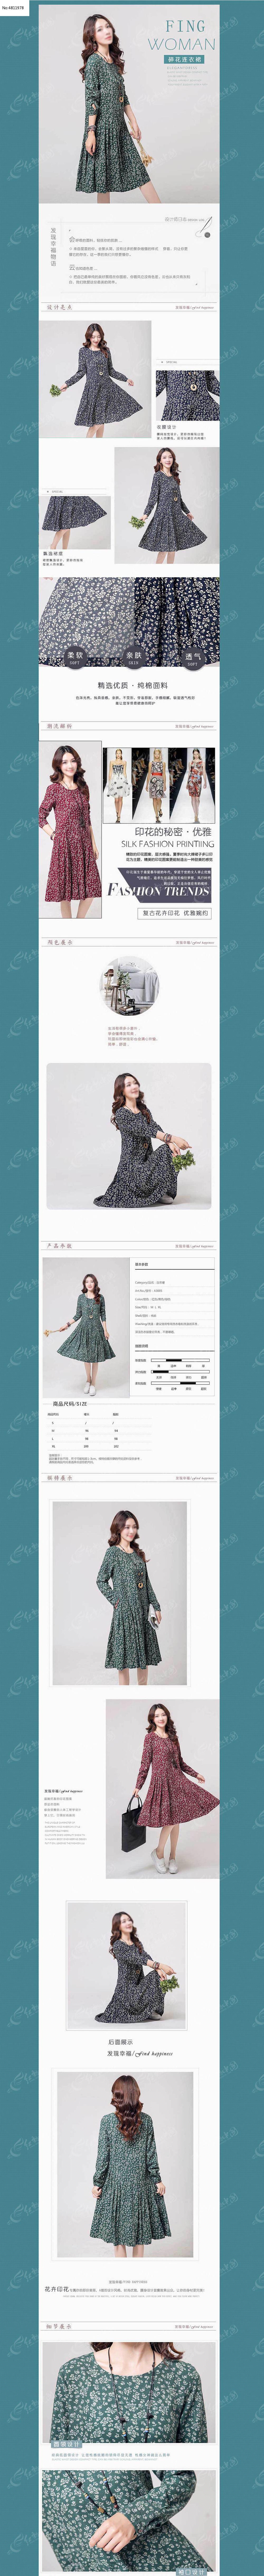 范女装详情描述布衣裙子排版图片下载淘宝女装文艺范详情描述排版设计图片